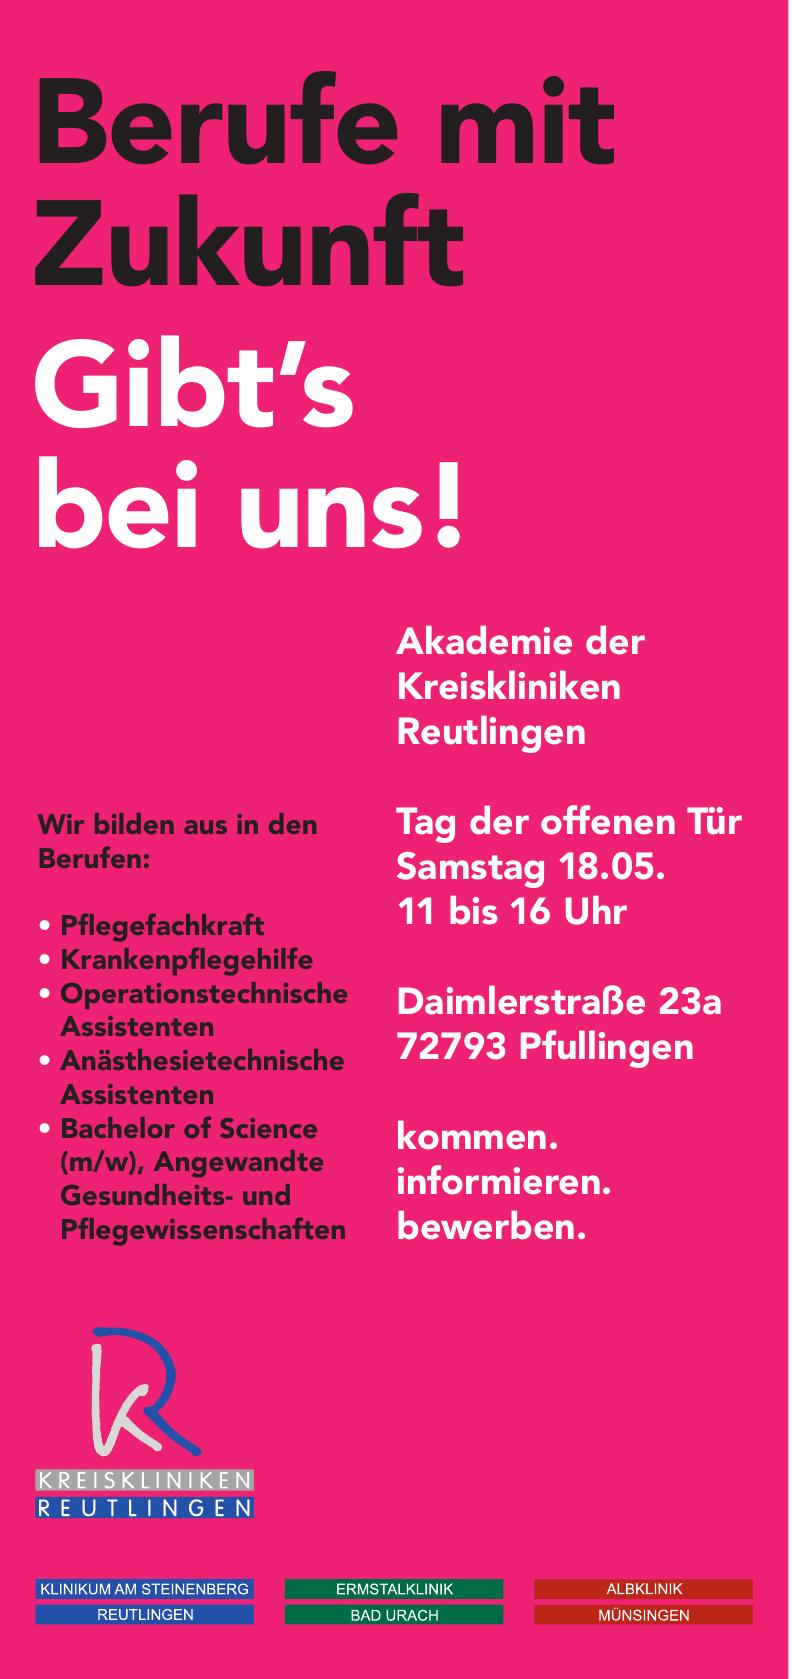 Akademie der Kreiskliniken Reutlingen